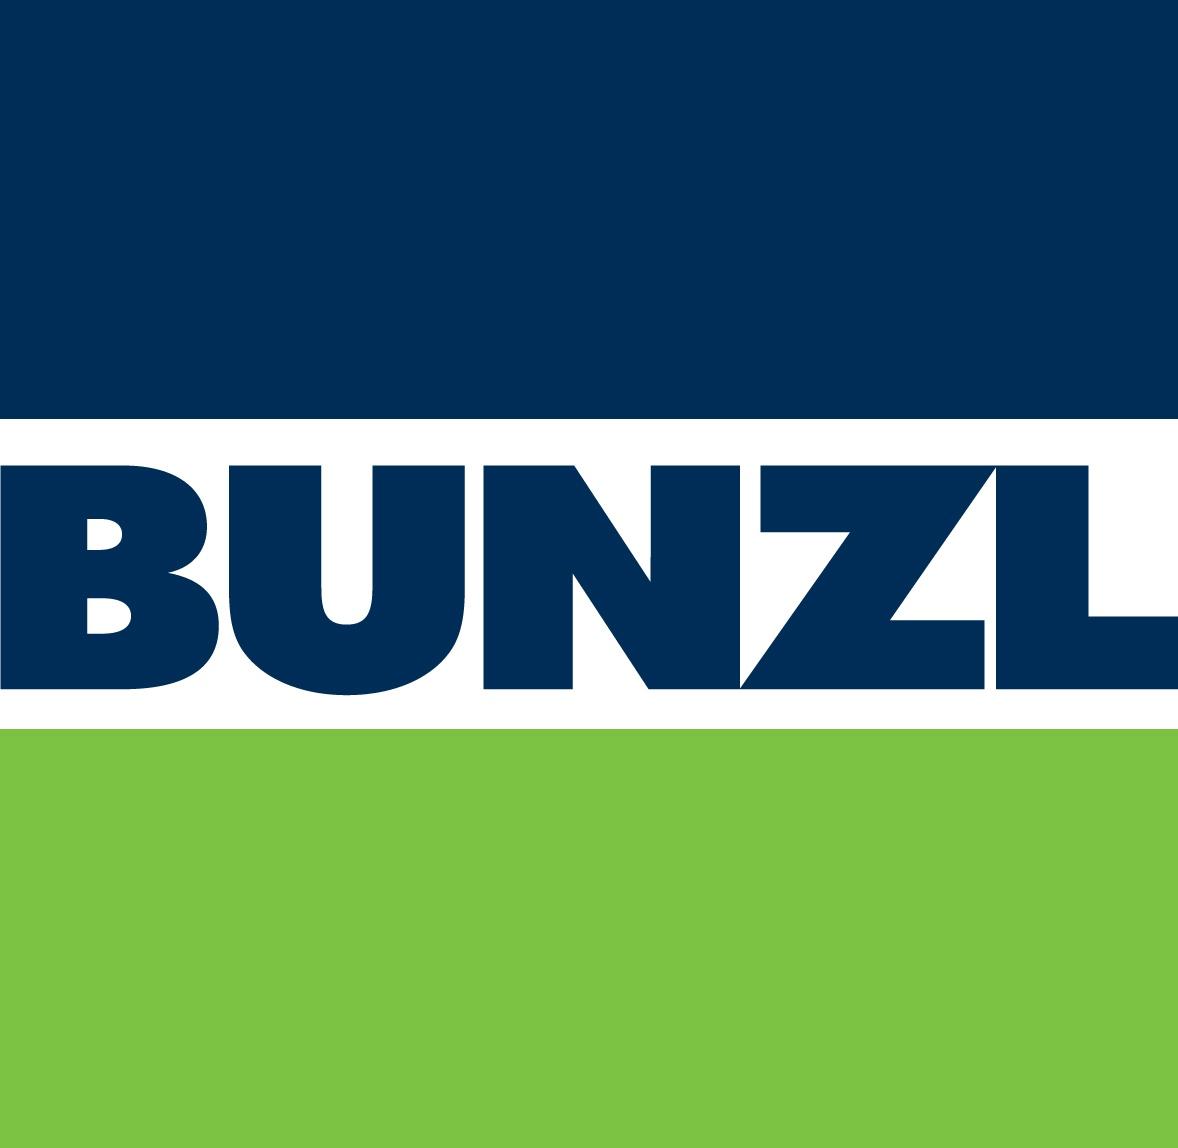 bunzl-logo-large (1).jpg